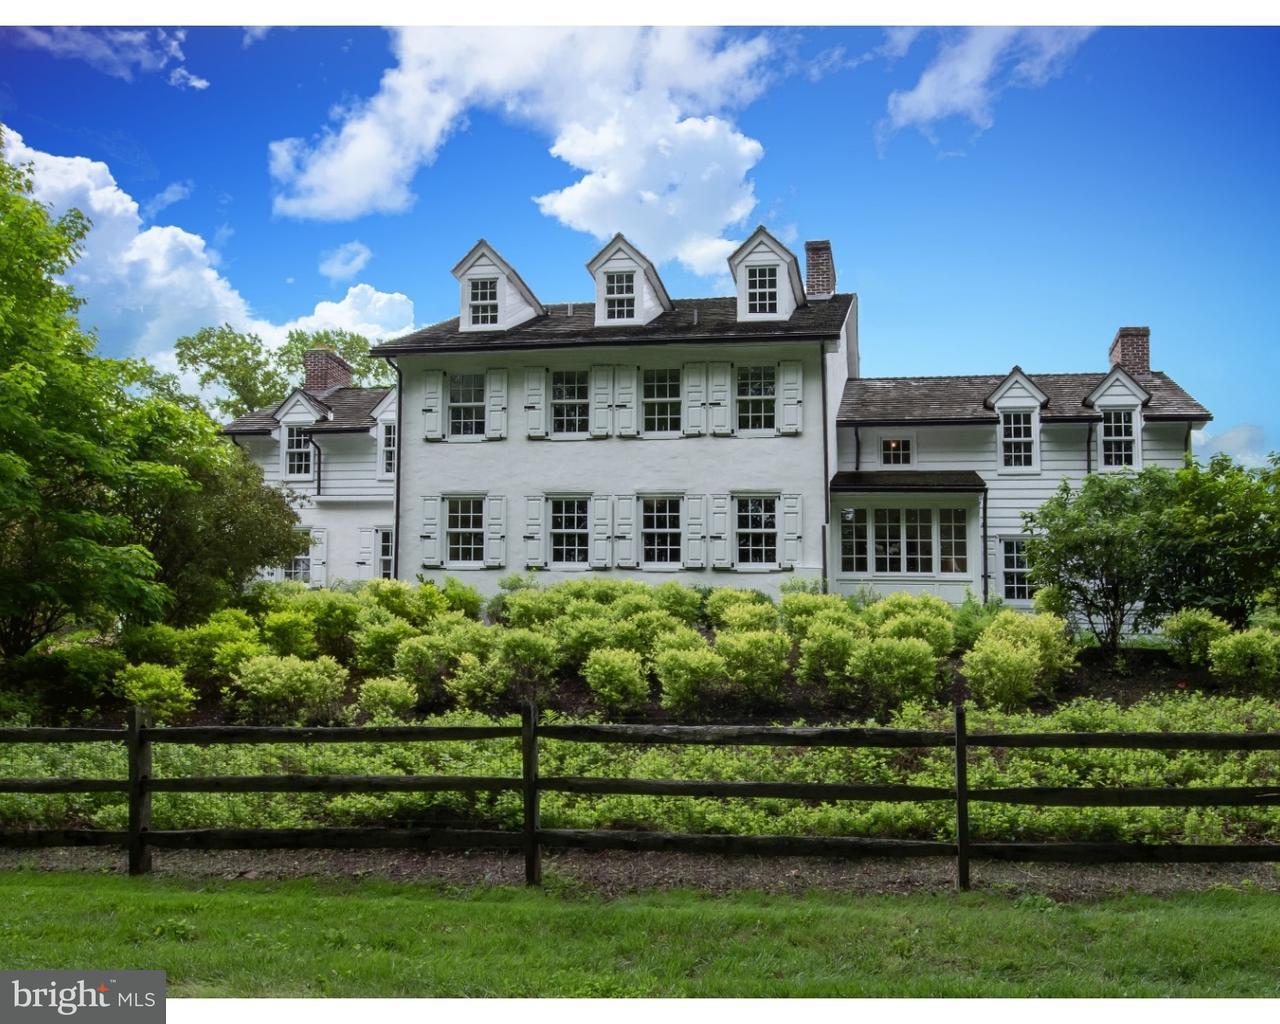 Частный односемейный дом для того Продажа на 820 FAIRVILLE Road Chadds Ford, Пенсильвания 19317 Соединенные Штаты